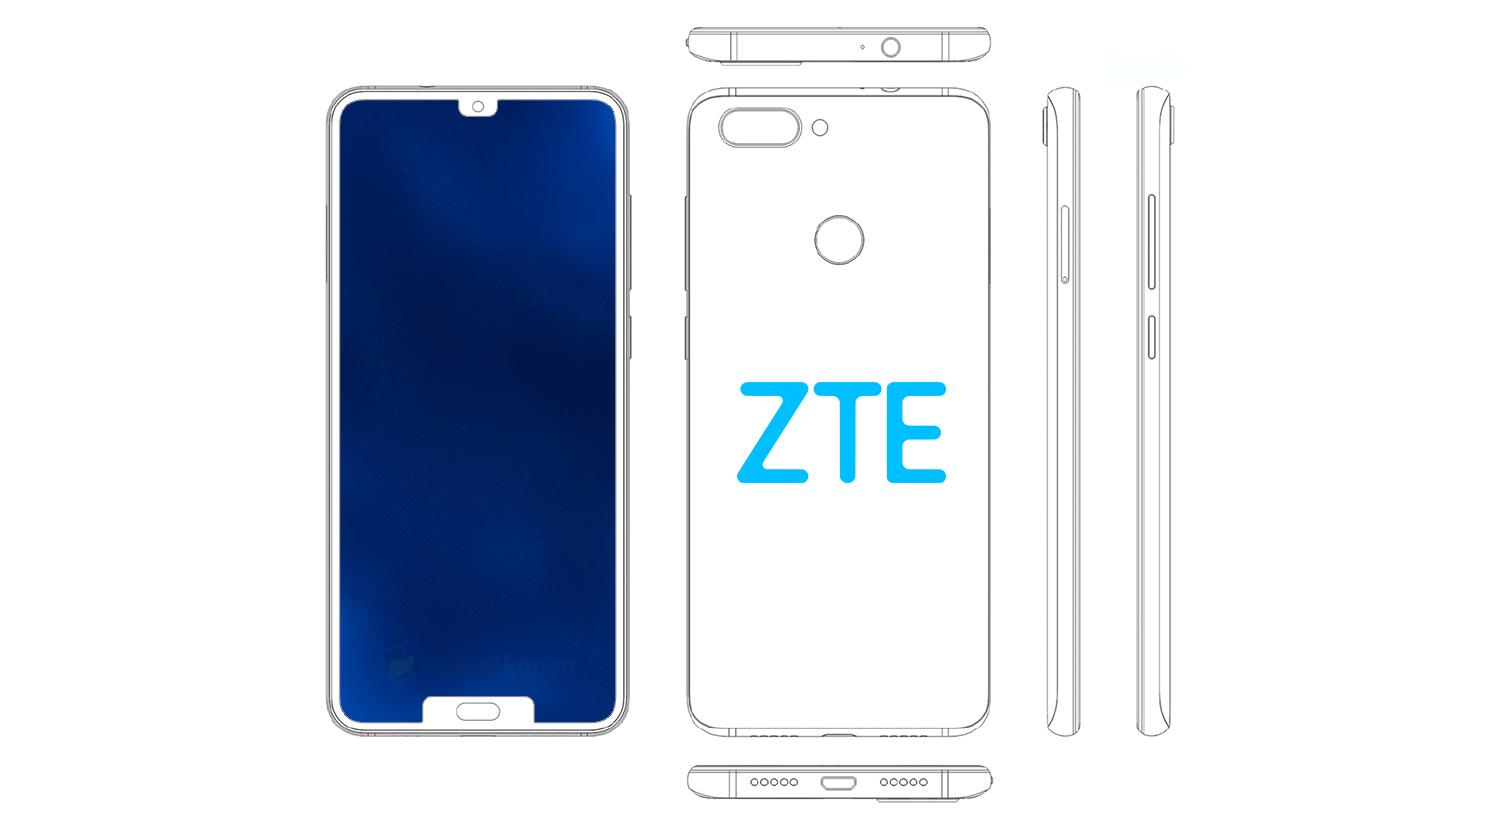 В привычку ZTE входит впечатлять дизайном. Вот вам смартфон с двумя выемками